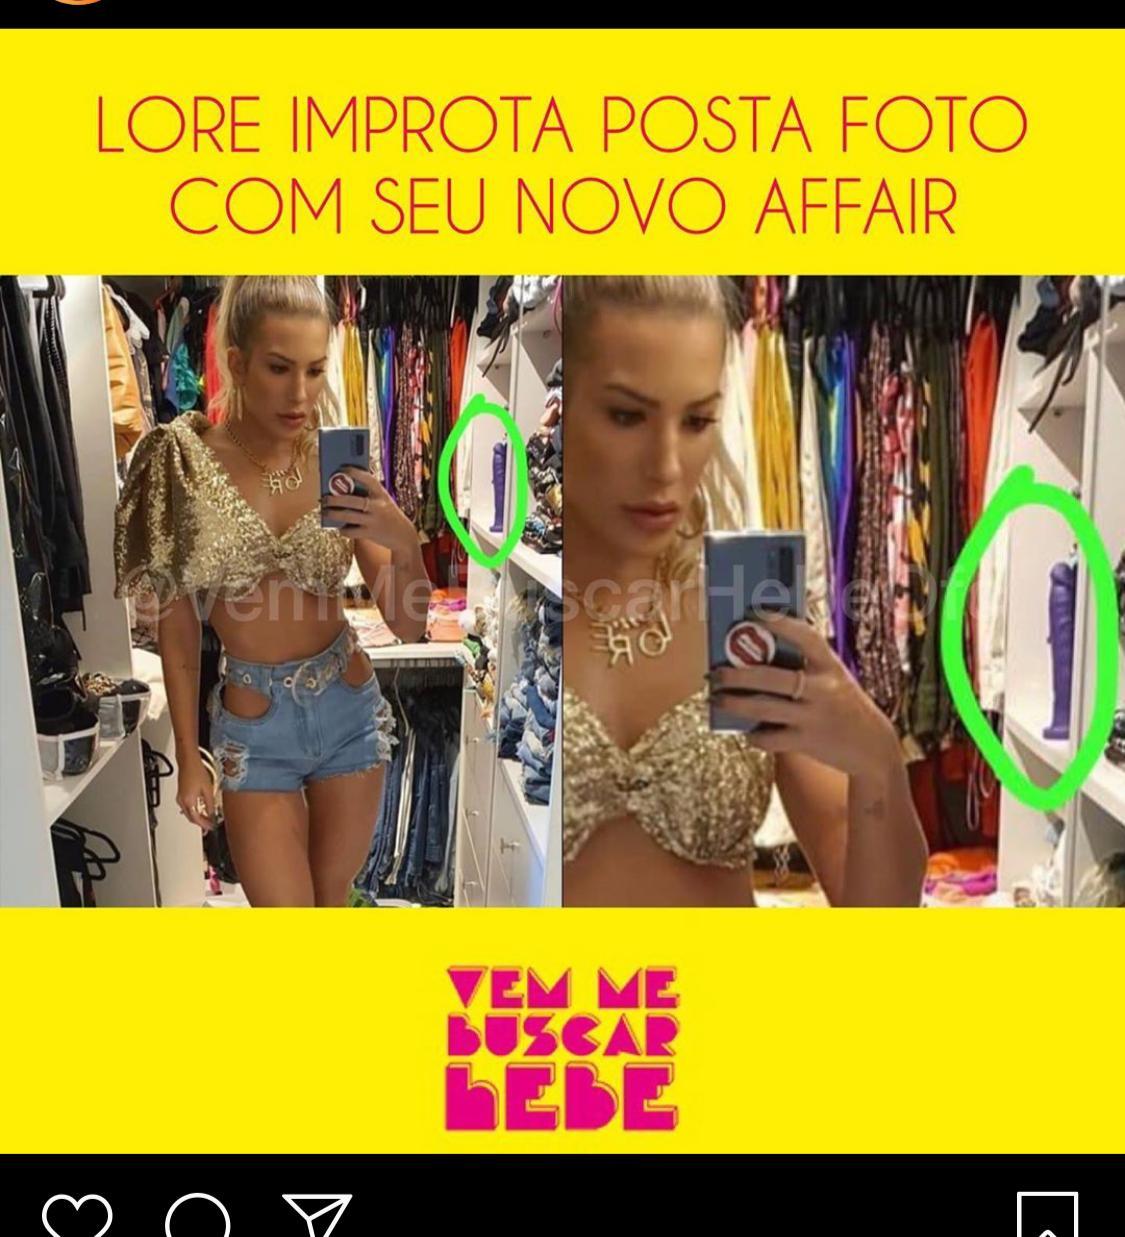 Ex-noiva de Léo Santana, Lore Improta expôs uma foto do seu look e acabou viralizando (foto: Reprodução)